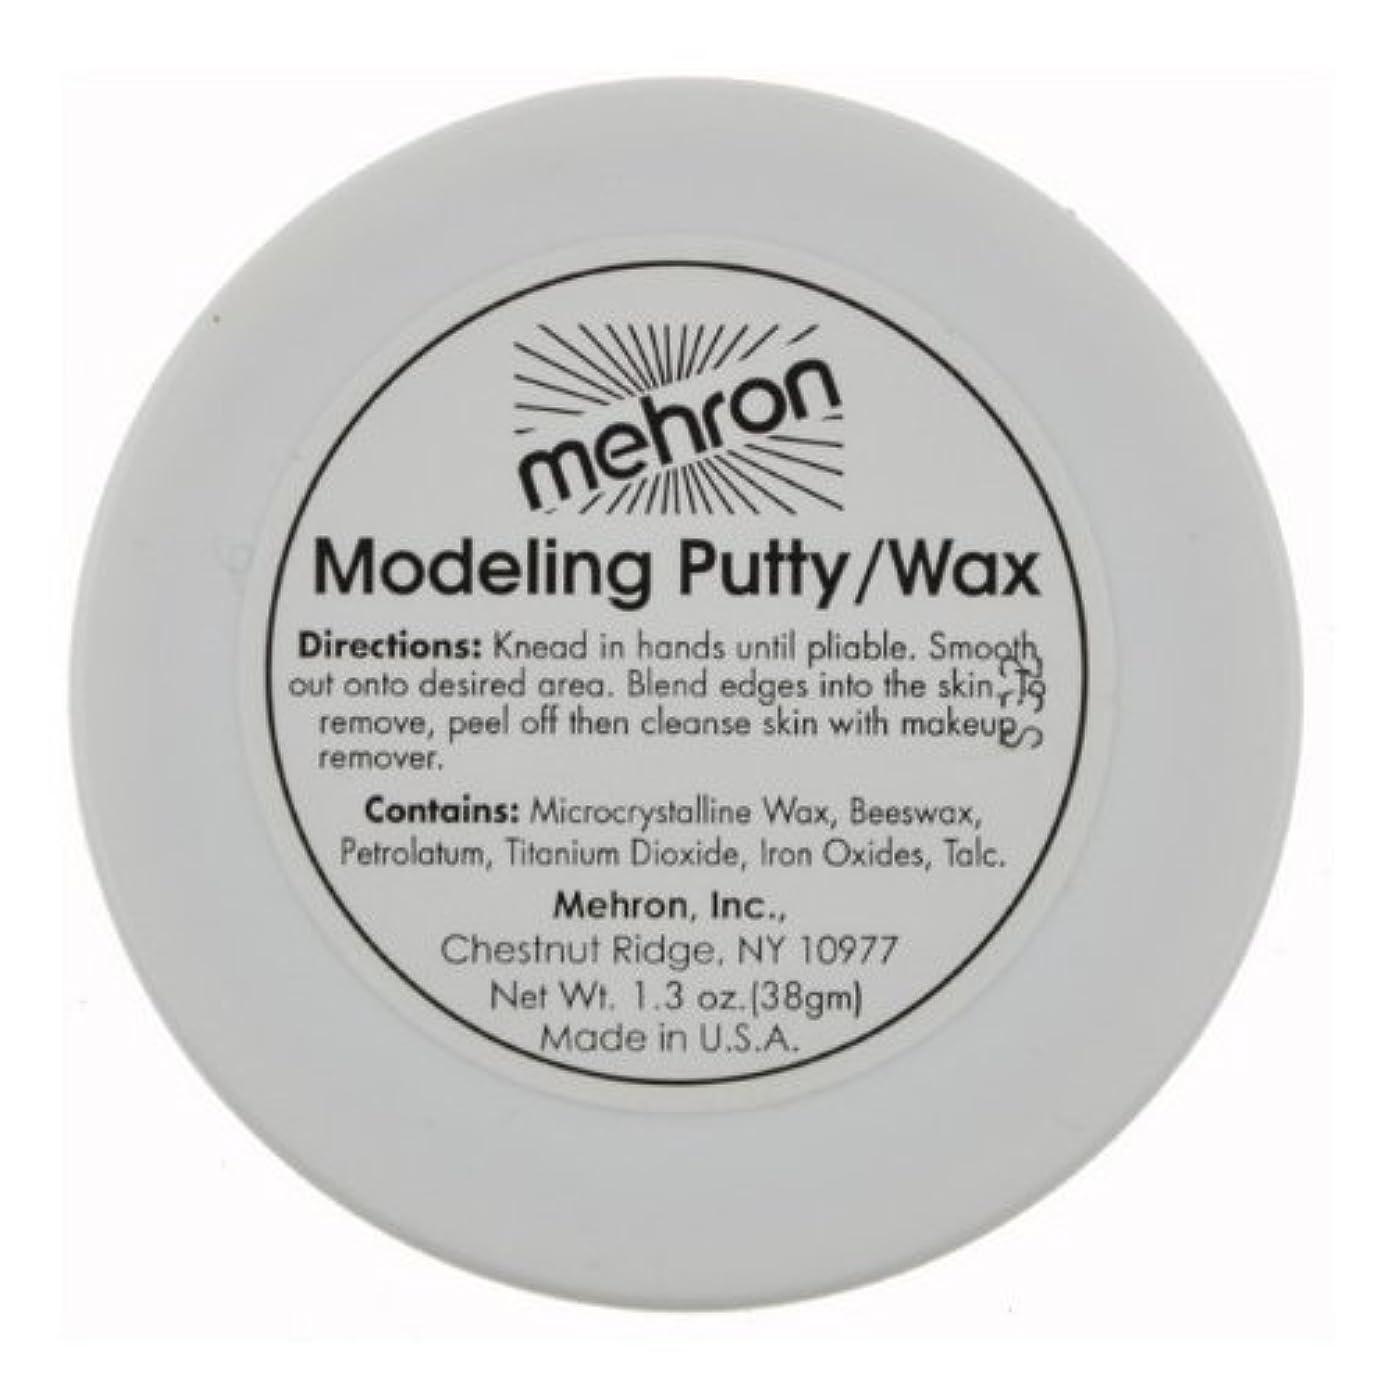 胃レオナルドダ規制する(6 Pack) mehron Modeling Putty/Wax (並行輸入品)